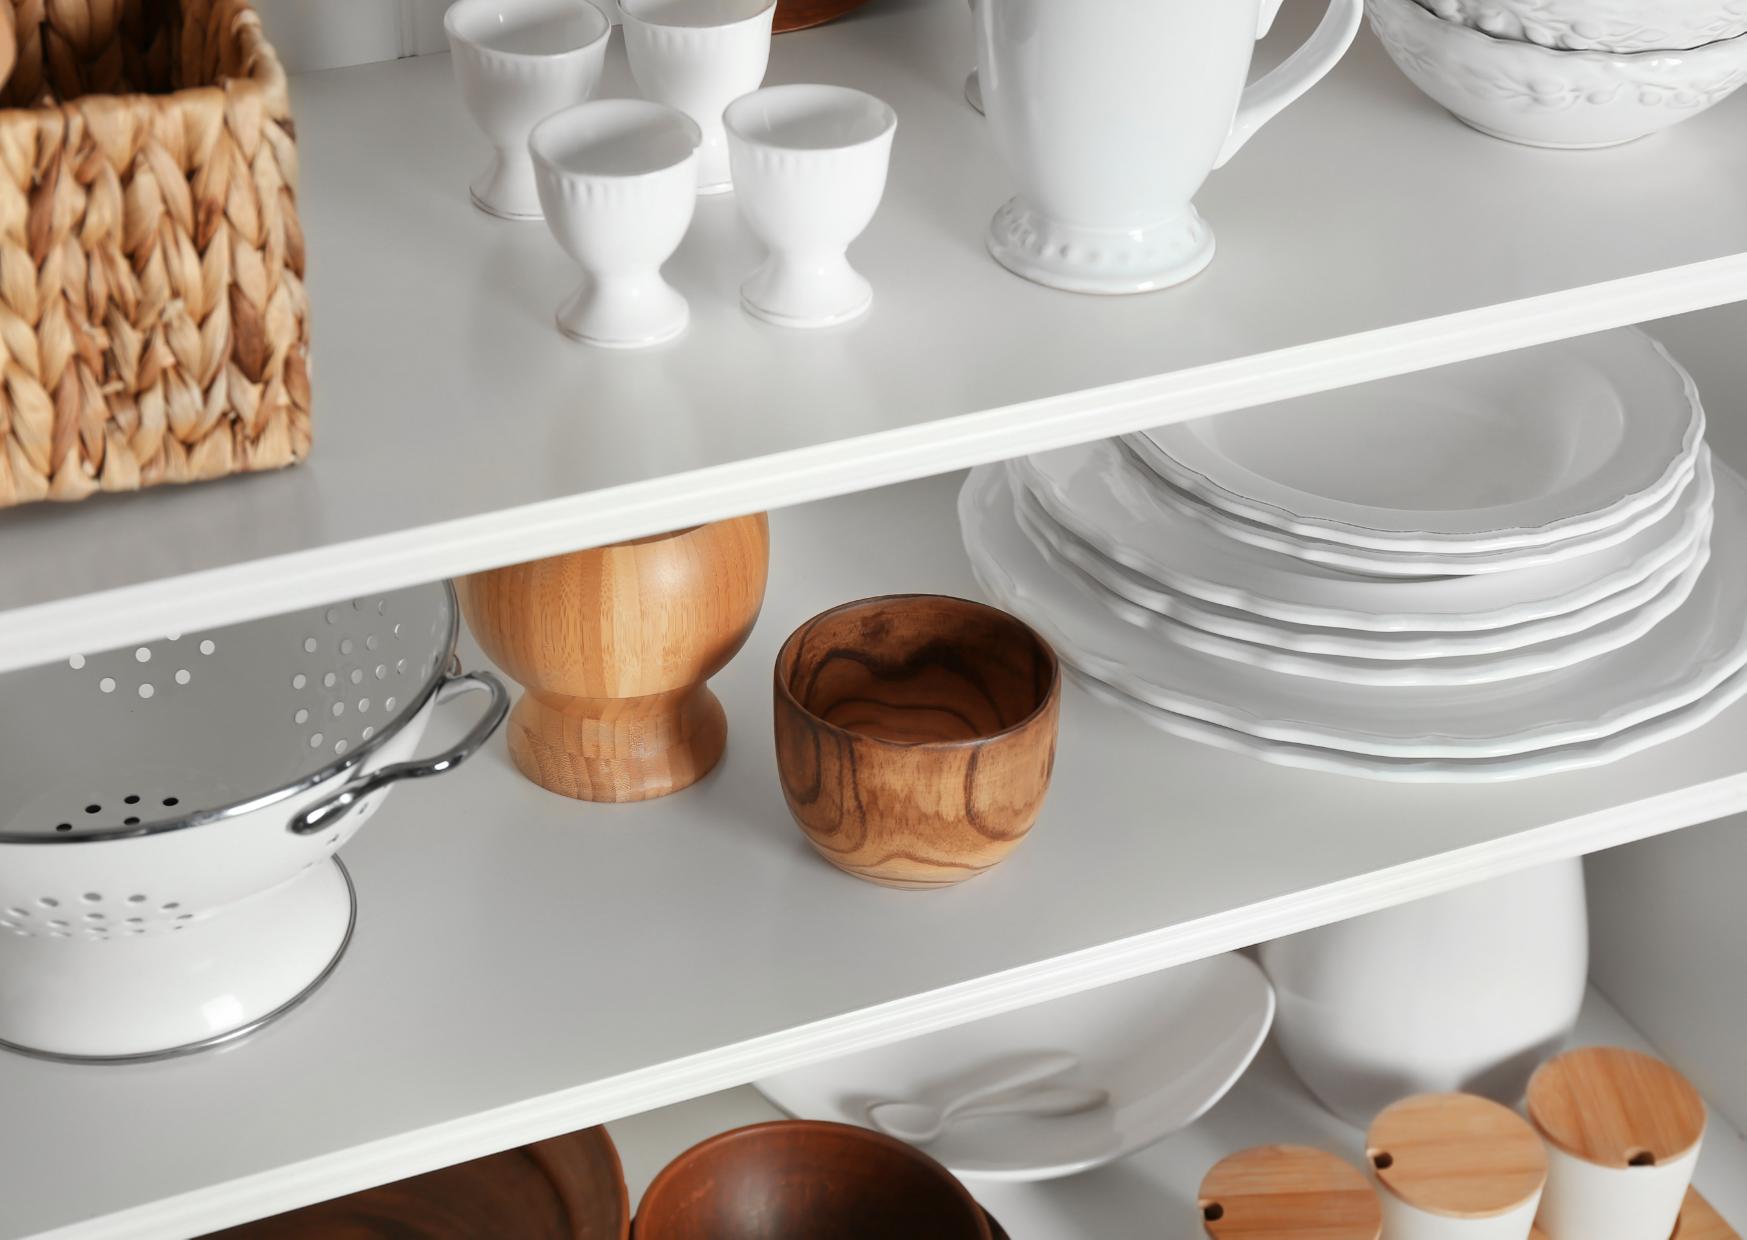 Floating-kitchen-shelves